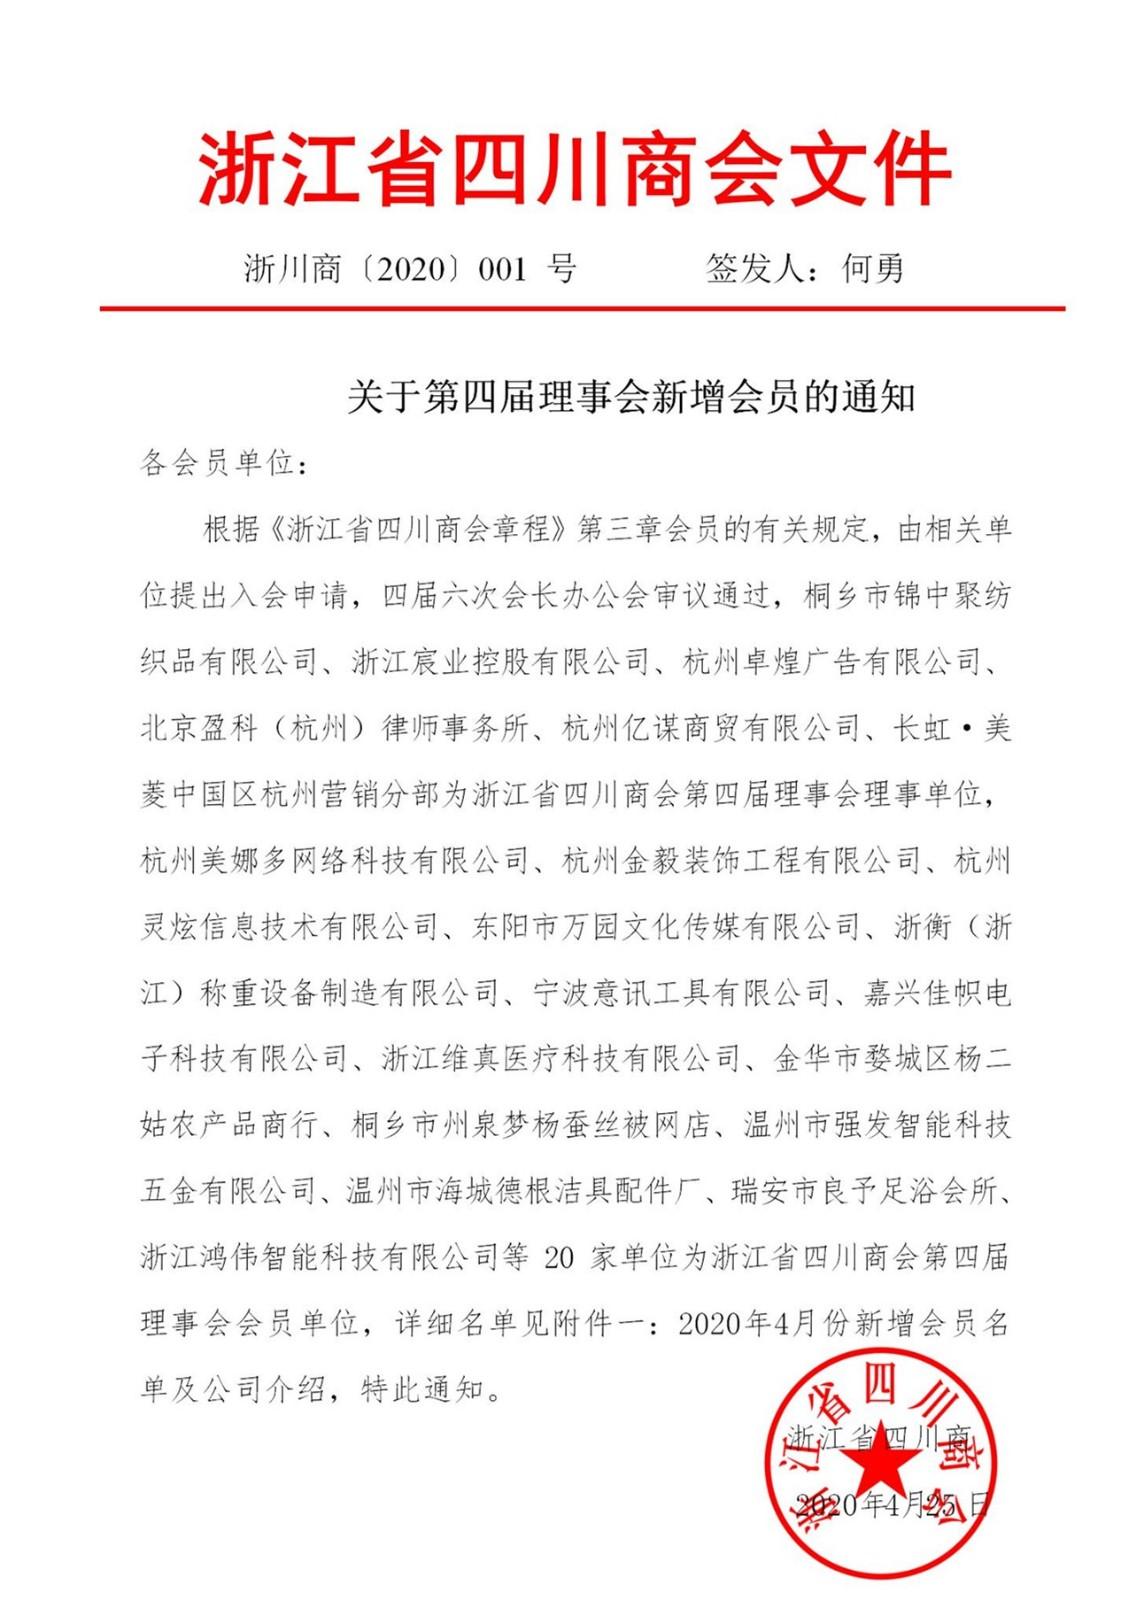 2020年001号文件《关于第四届理事会新增会员的通知》